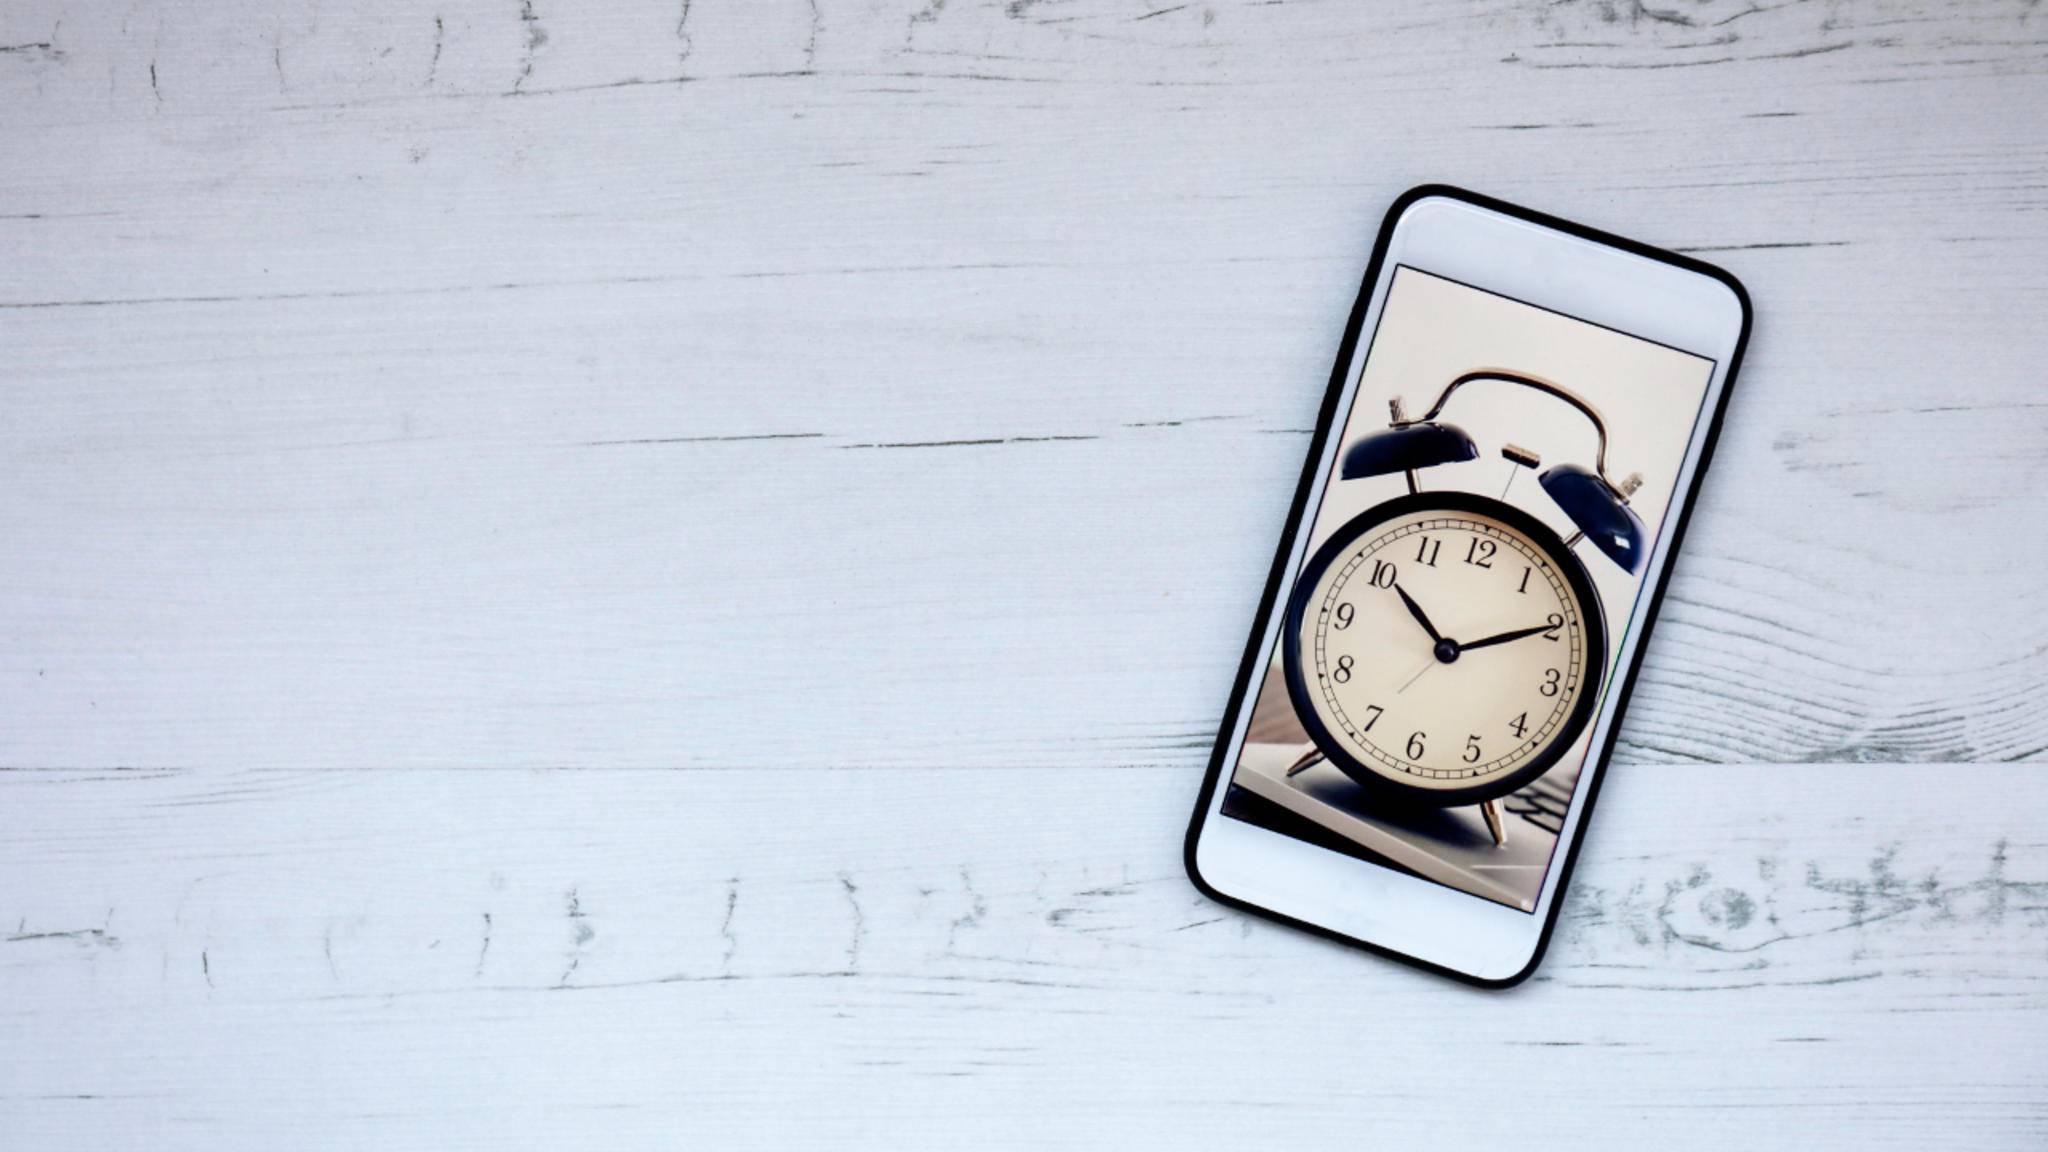 Das iPhone klingelt nicht? Das kann verschiedene Ursachen haben.